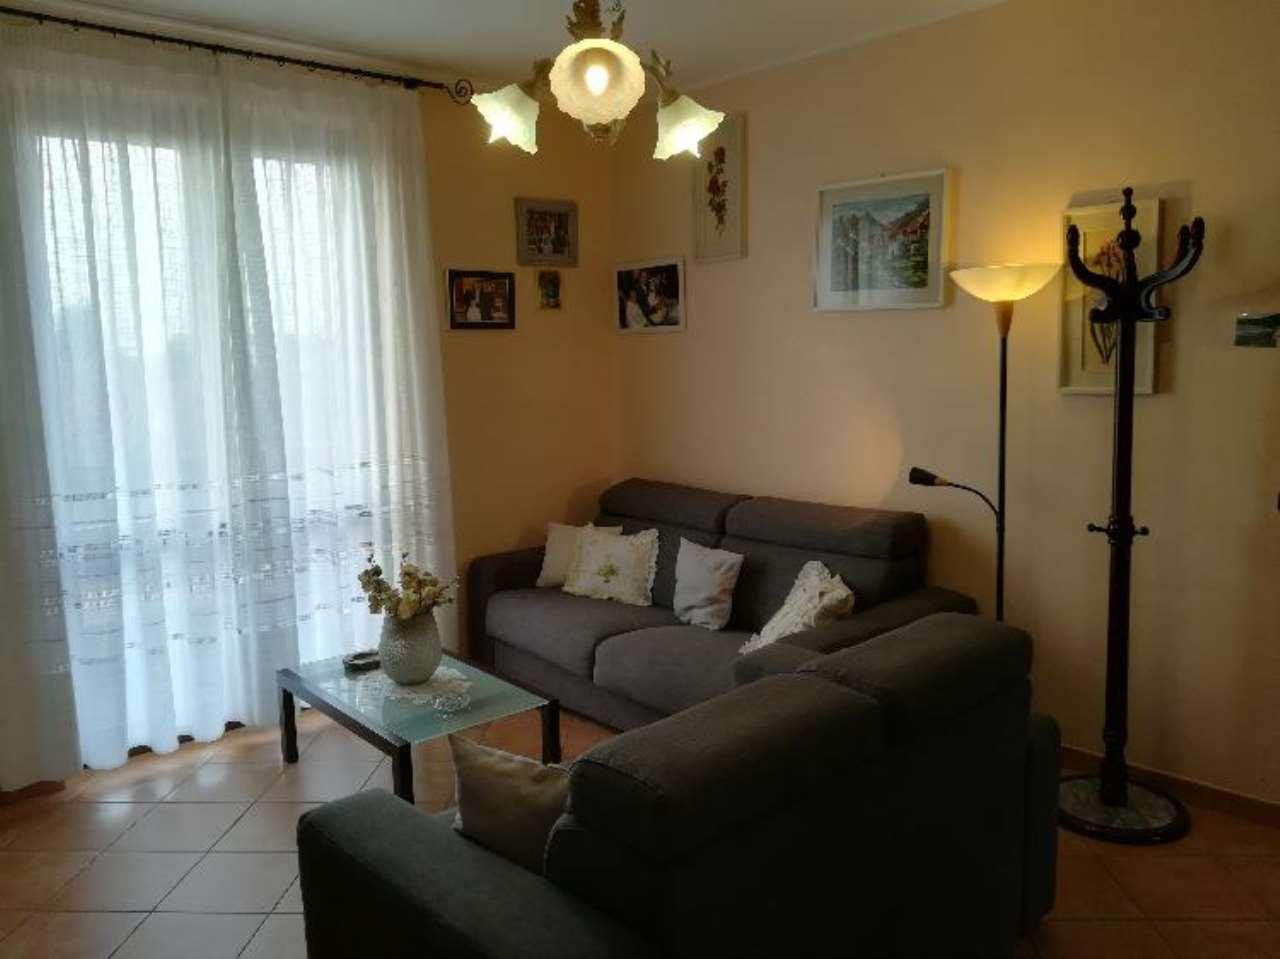 Appartamento in vendita a Pieve San Giacomo, 2 locali, prezzo € 55.000 | CambioCasa.it